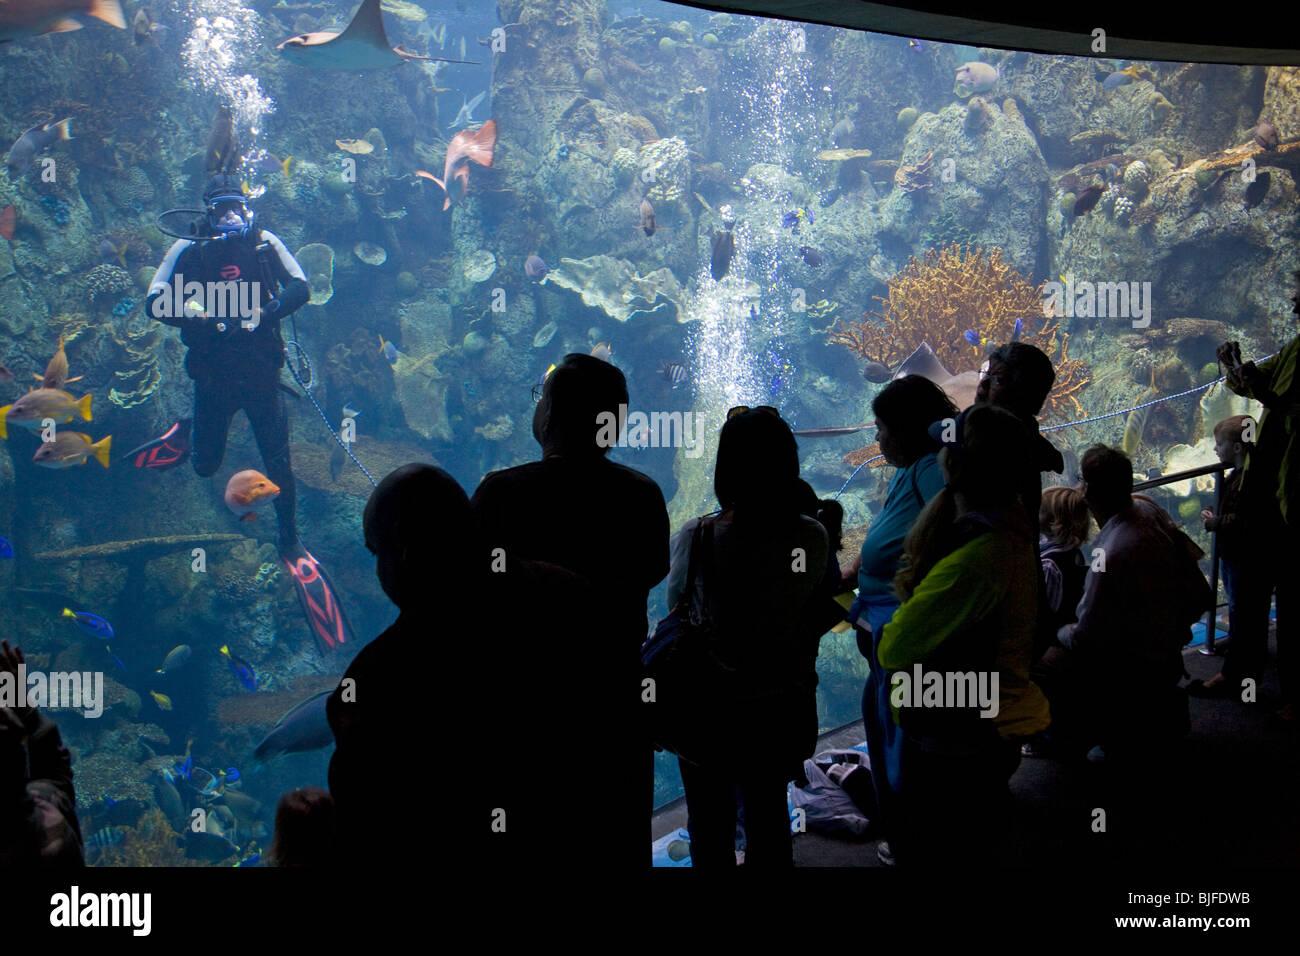 Galerie du Pacifique tropical, l'Aquarium du Pacifique, Long Beach, Los Angeles County, Californie, USA Photo Stock